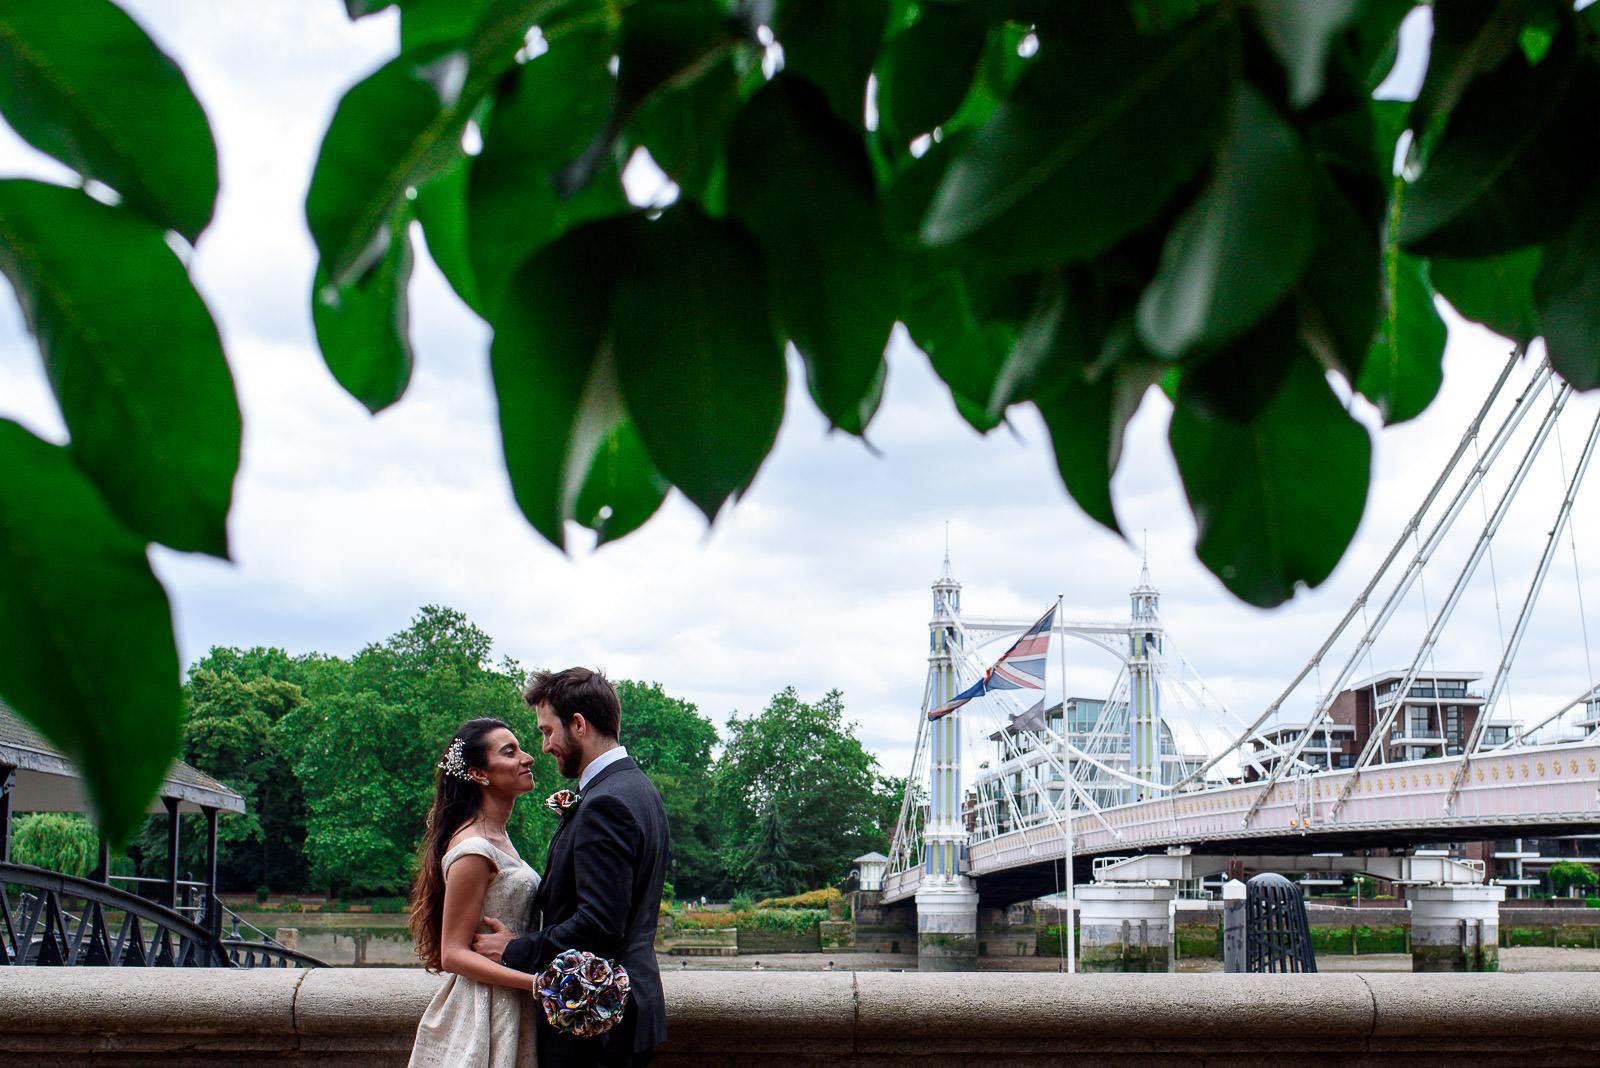 couple photo shoot on Albert Bridge in London